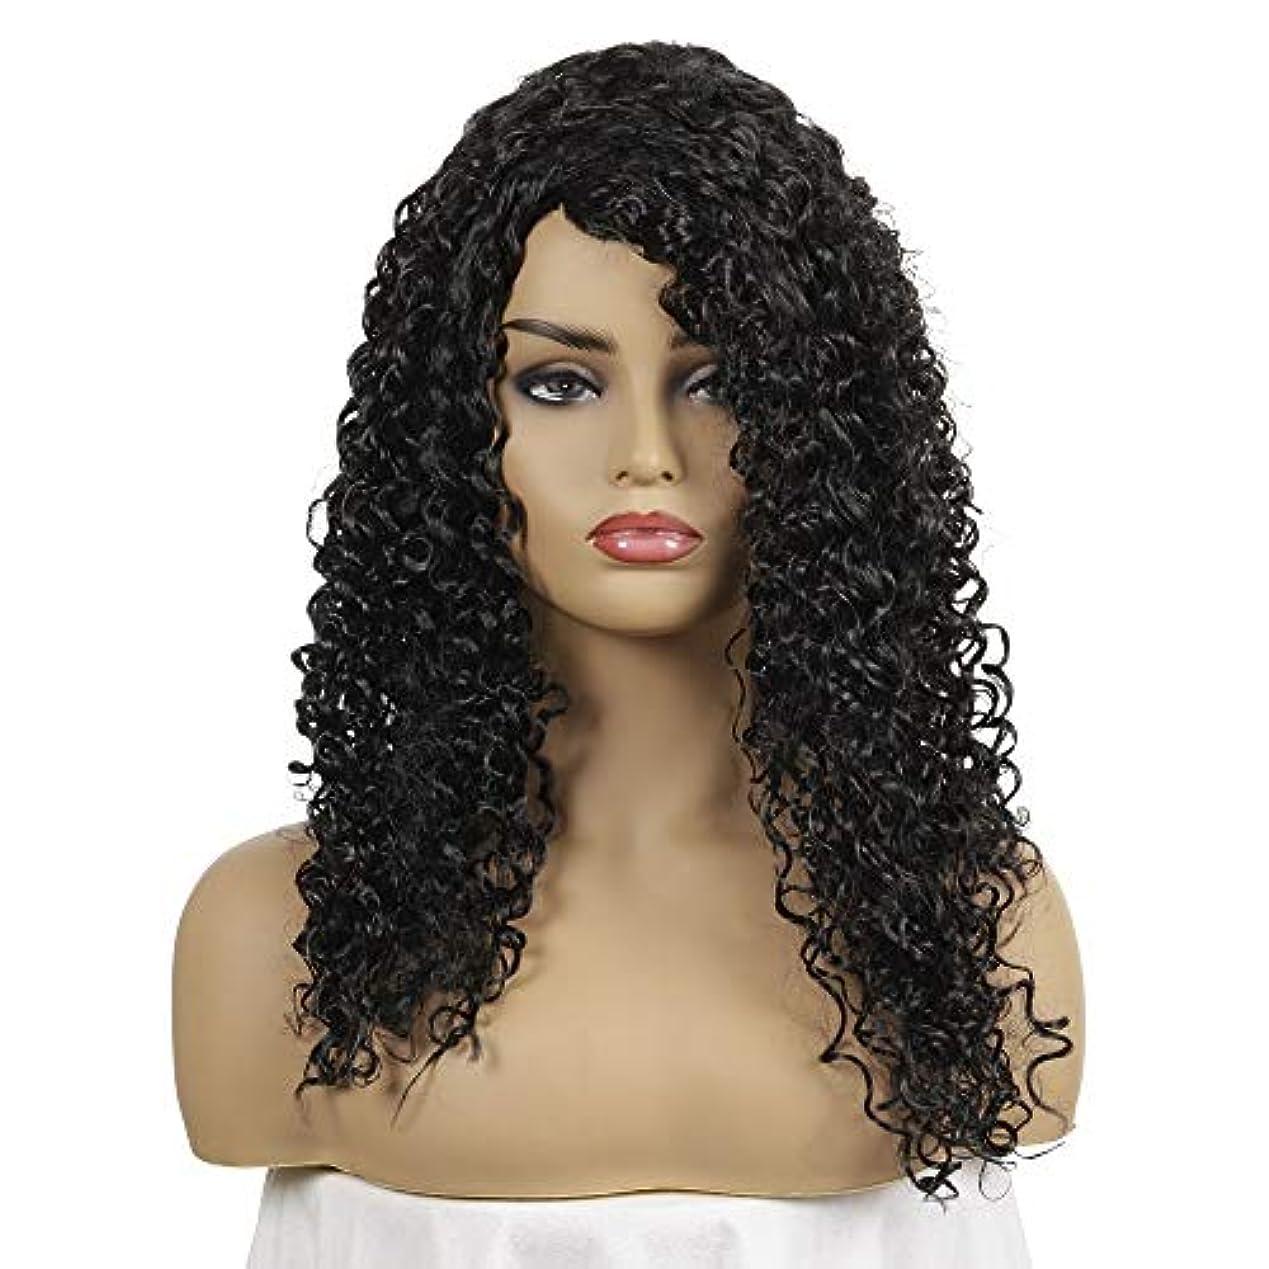 リットルキルトポール黒人女性カーリーブラジルのバージン毛グルーレス女性耐熱ファイバー人工毛人毛かつらのためのロングルーズカーリーグルーレスウィッグ (Color : 黒)